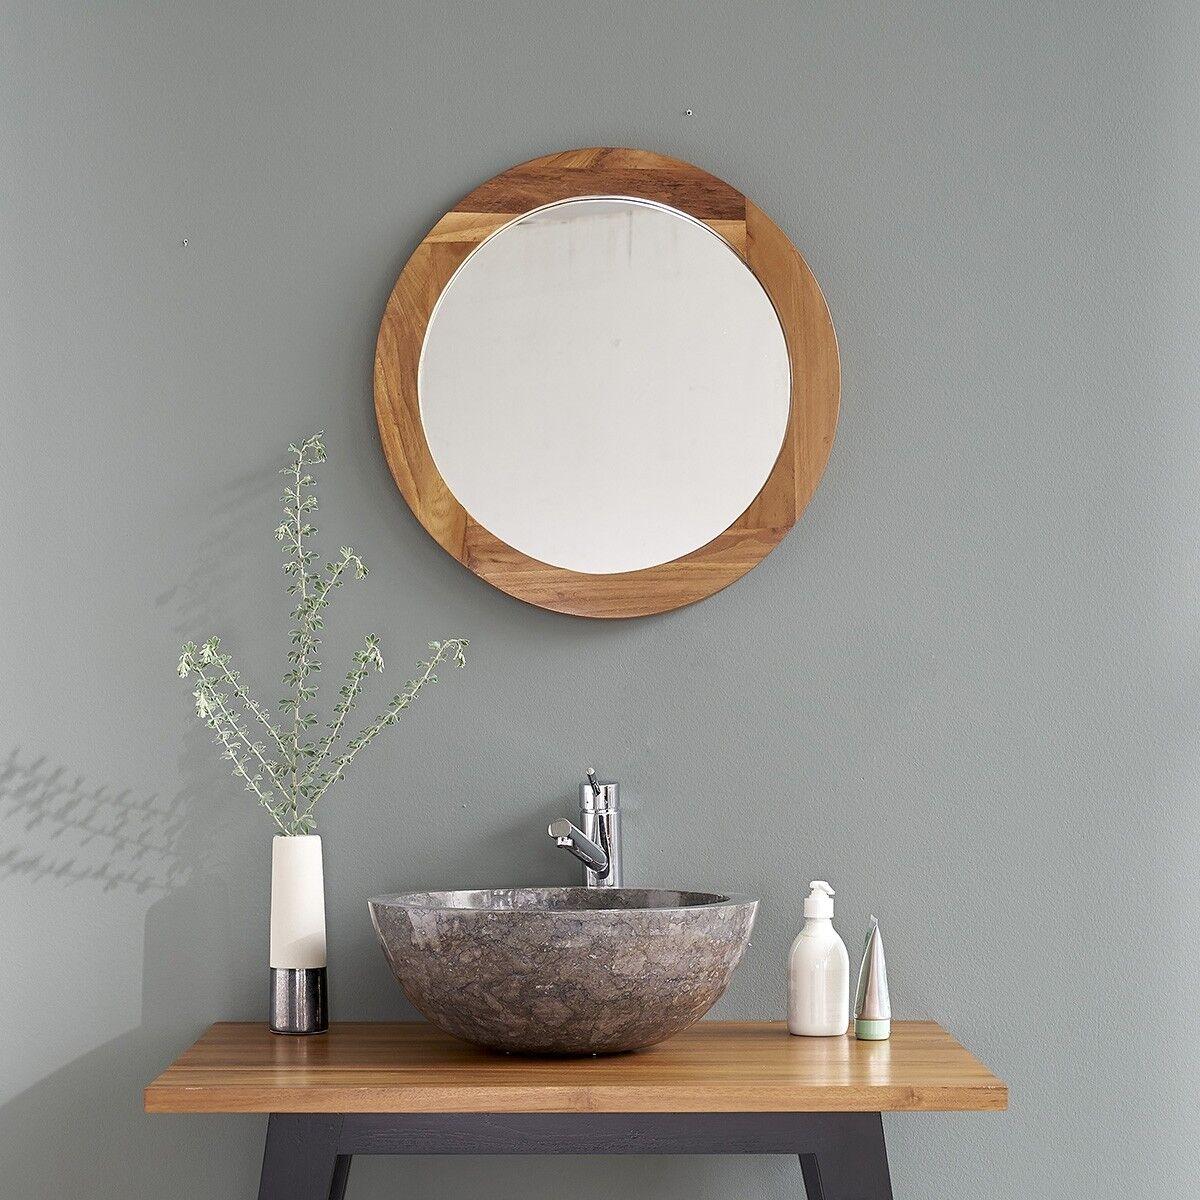 BOIS DESSUS BOIS DESSOUS Miroir rond en bois de teck BOIS DESSUS BOIS DESSOUS